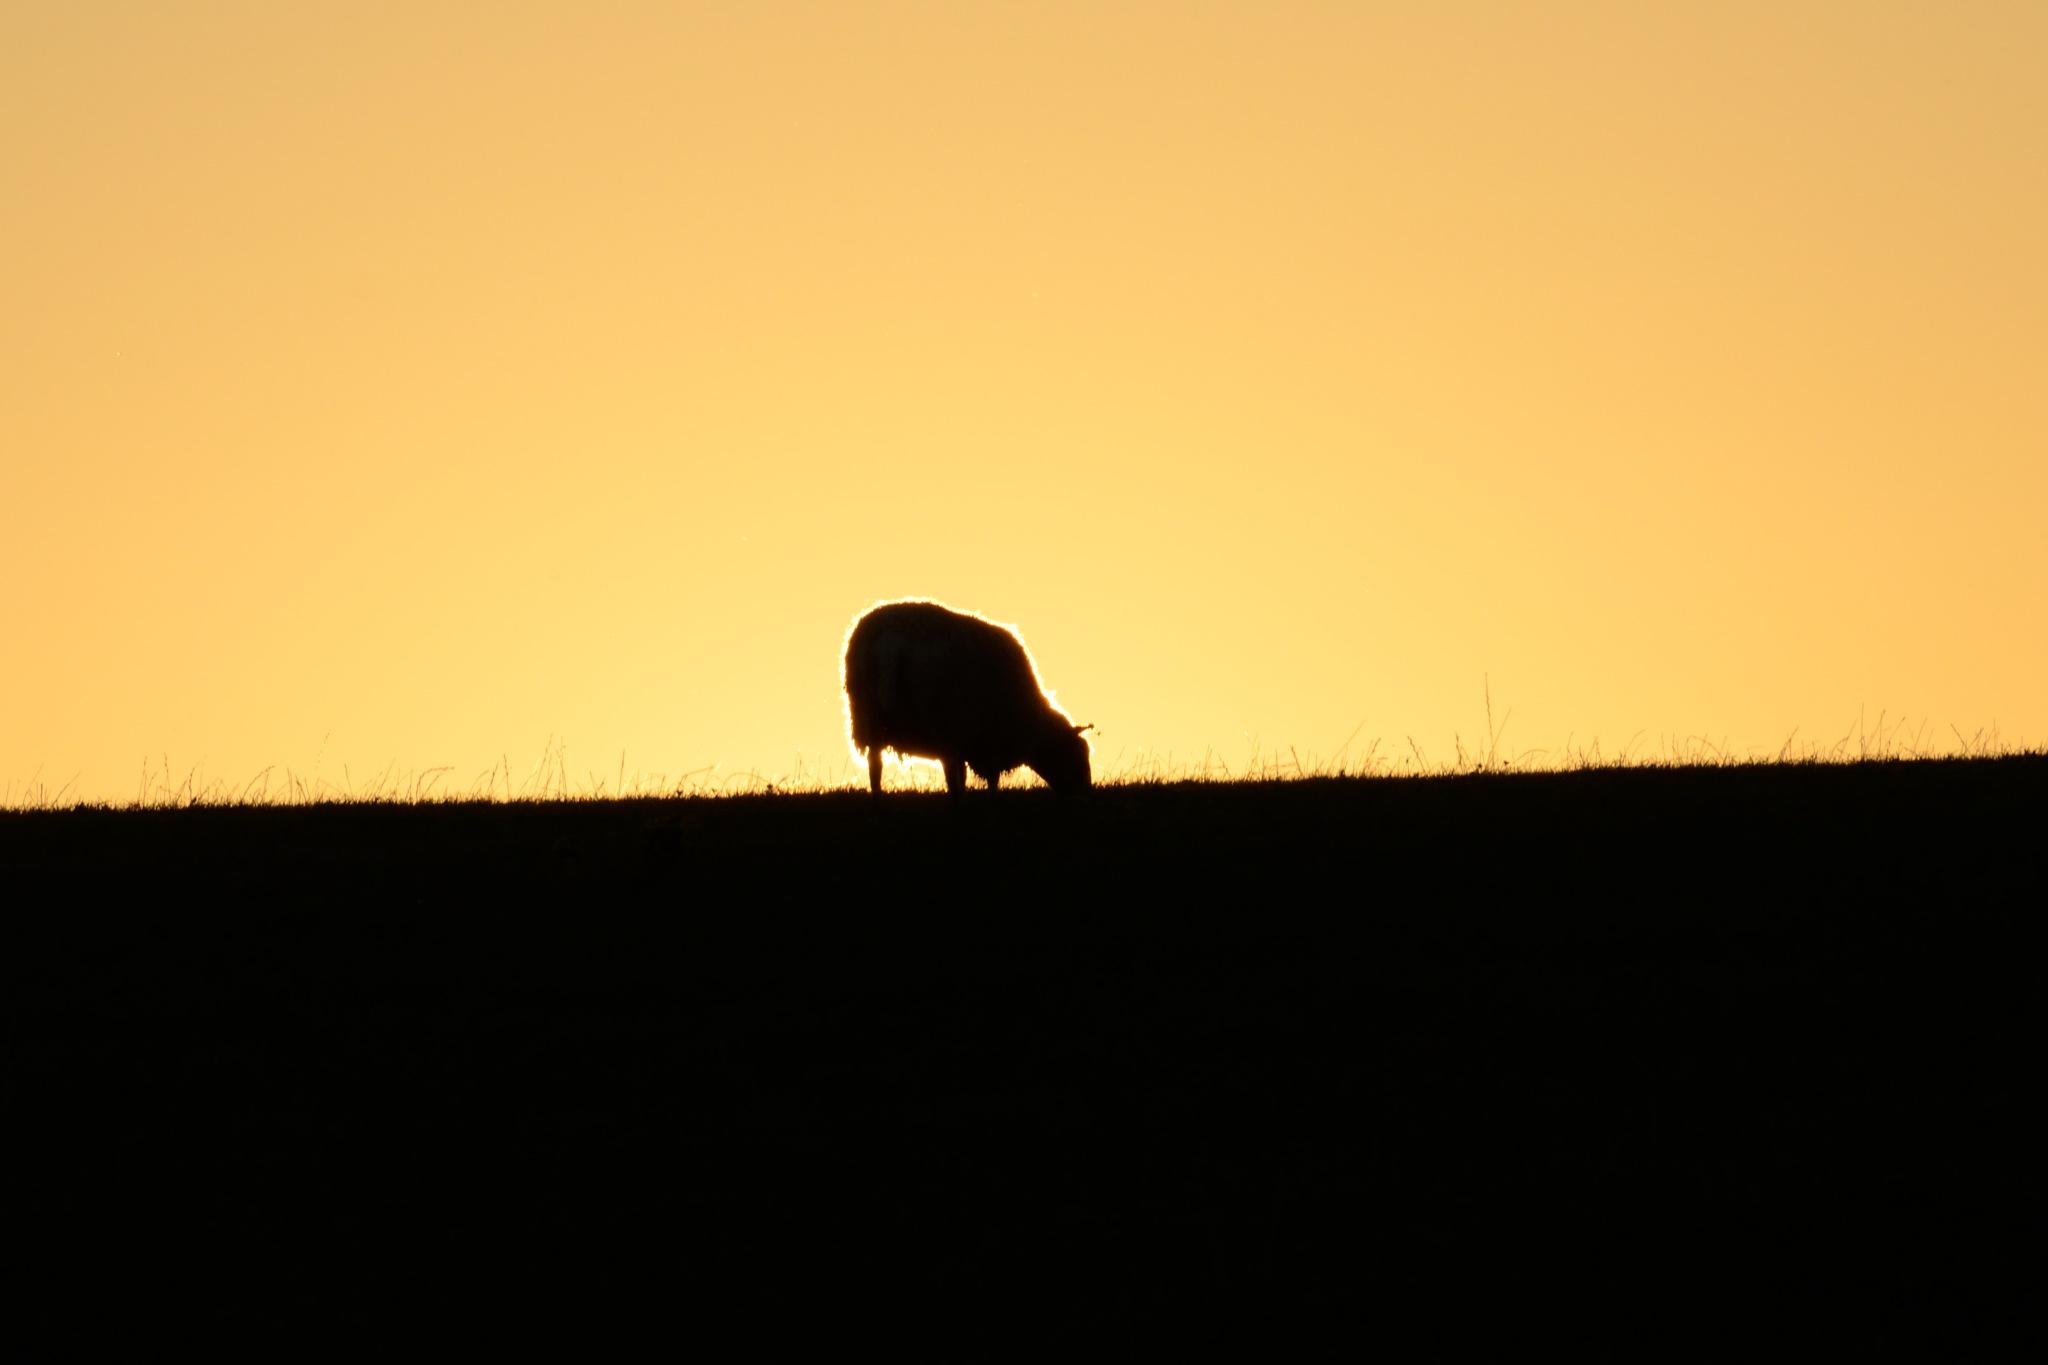 Ovine sunset by bfstubbs